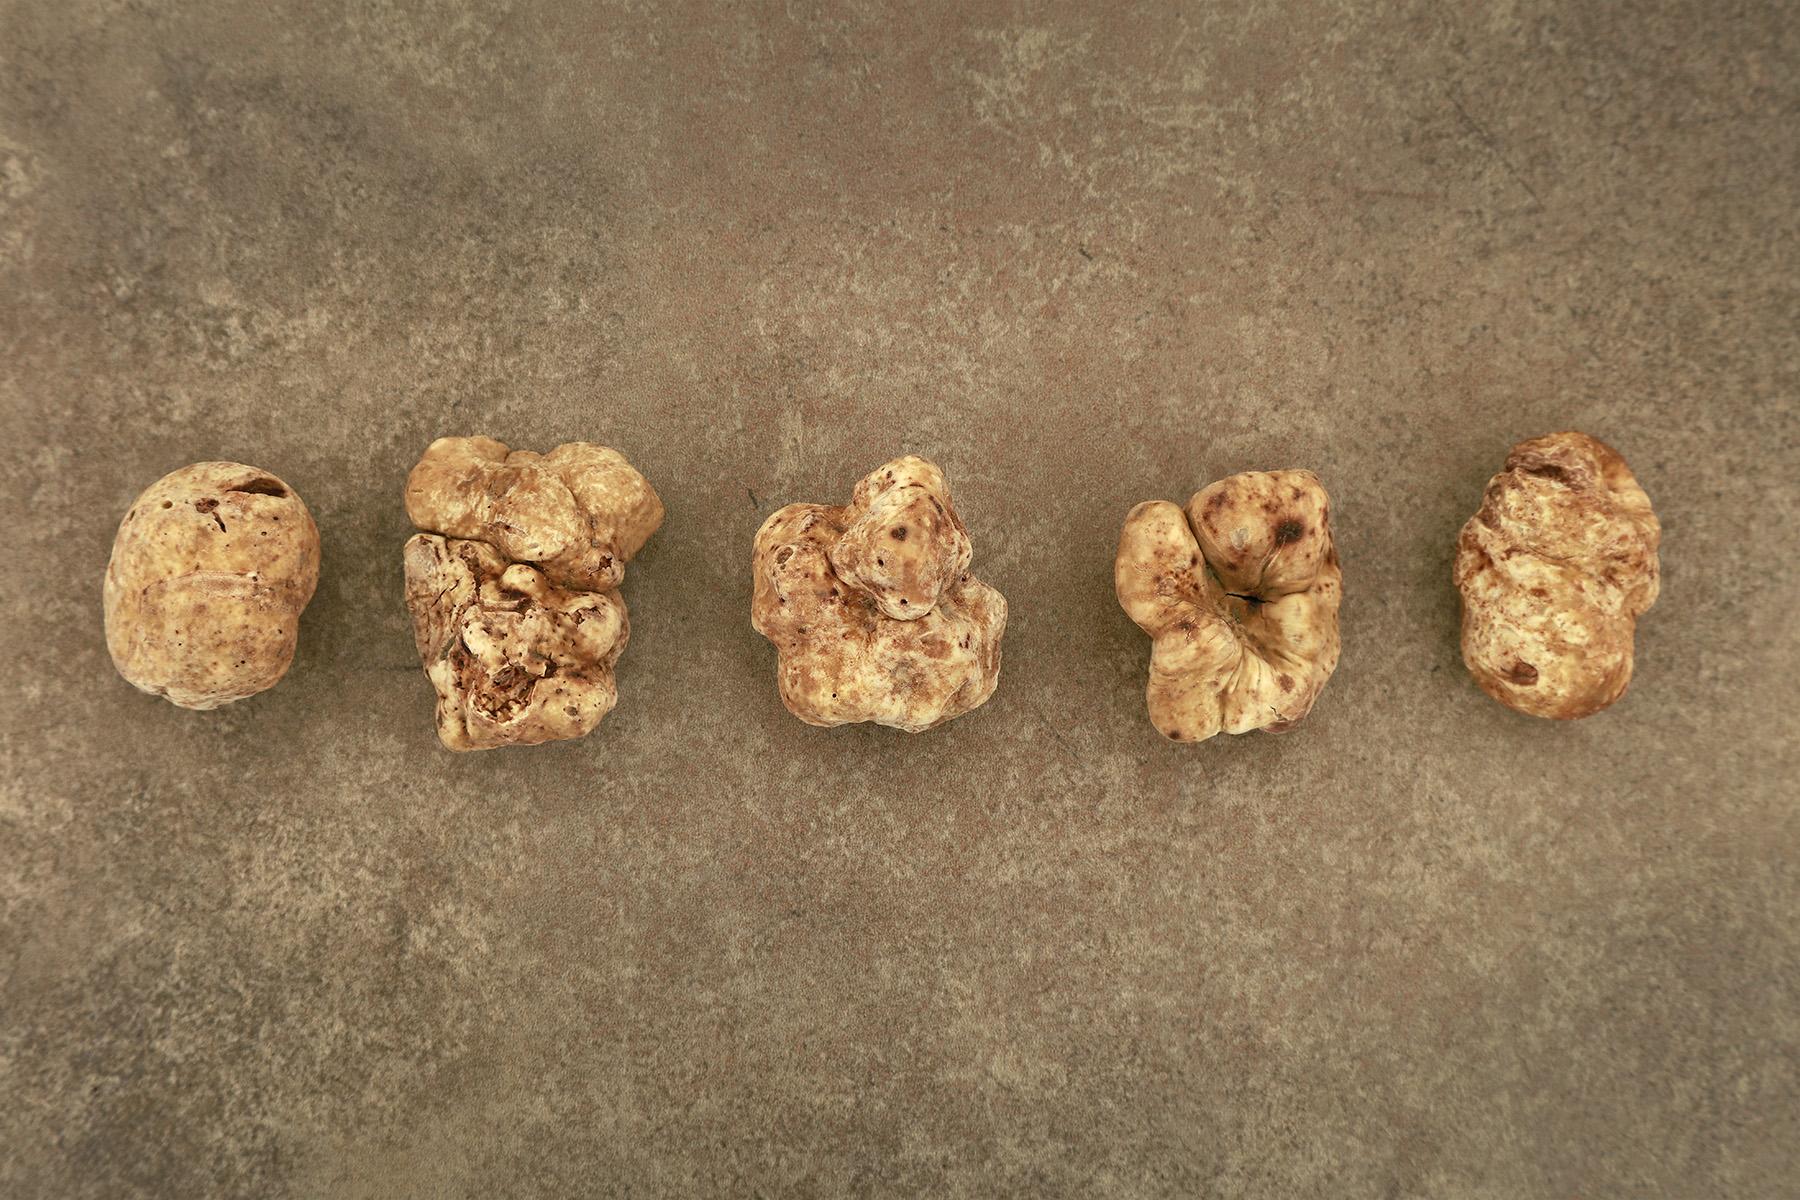 Truffles-USA-white-alba-truffles_001